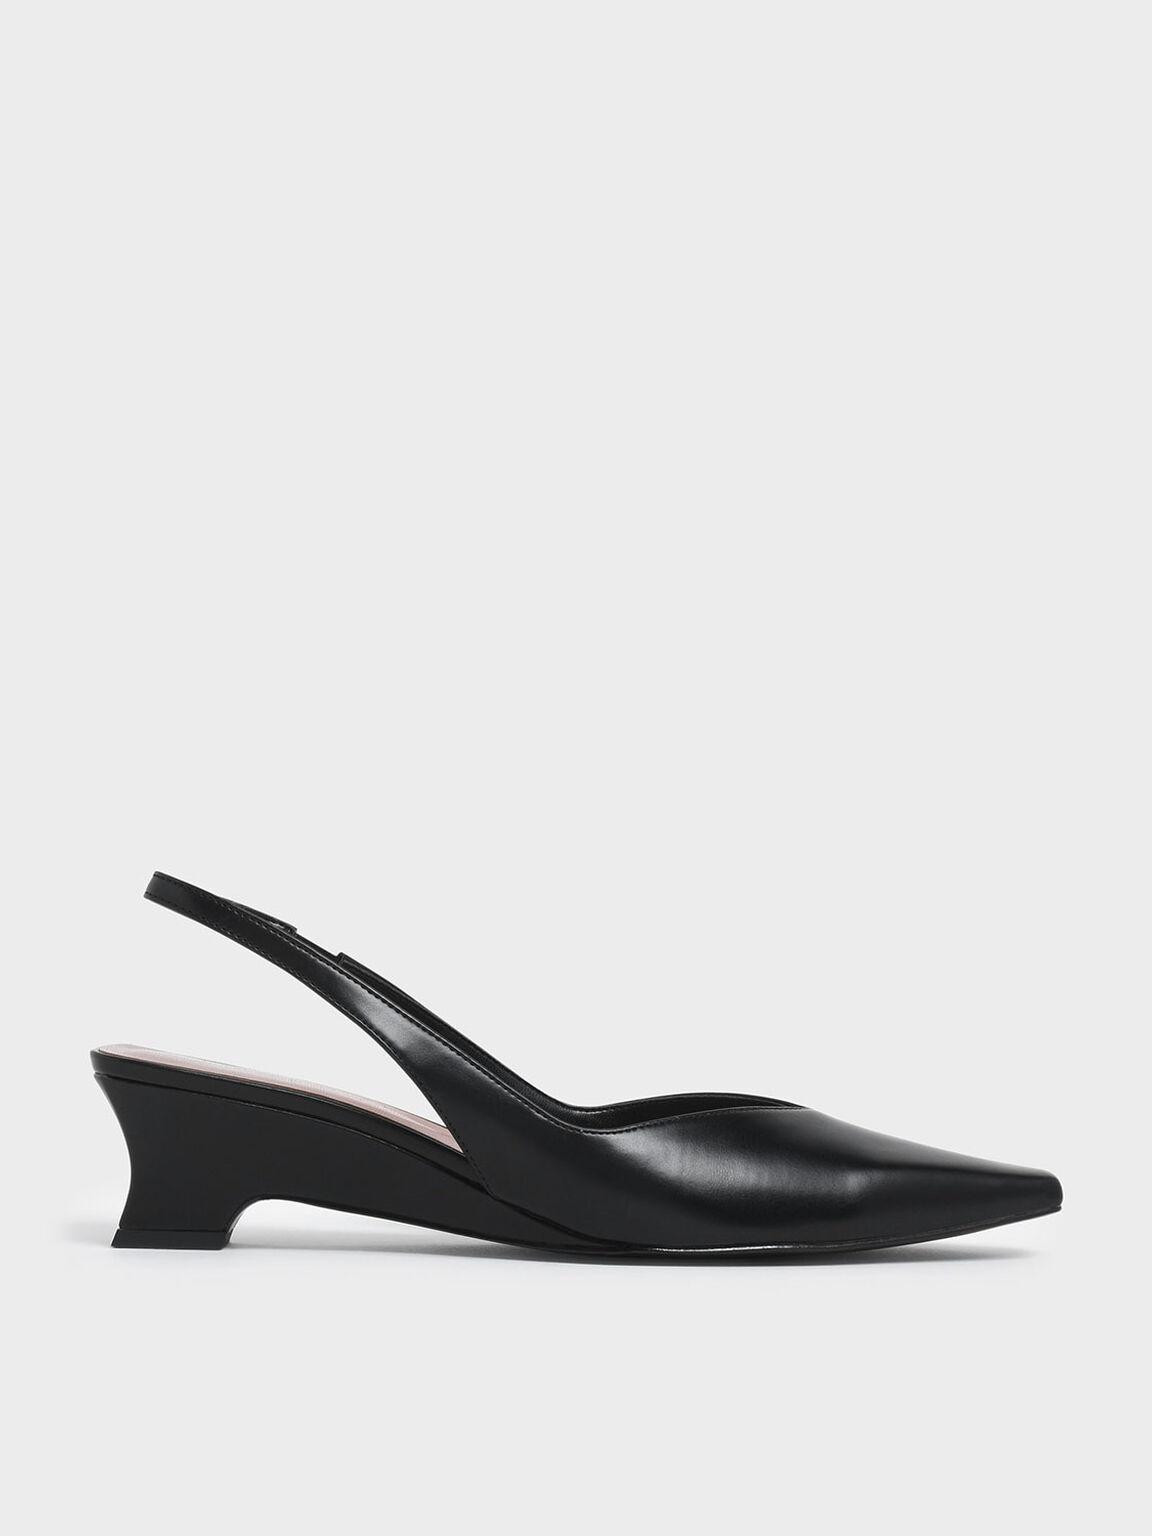 V-Cut Low Sculptural Heel Slingback Pumps, Black, hi-res